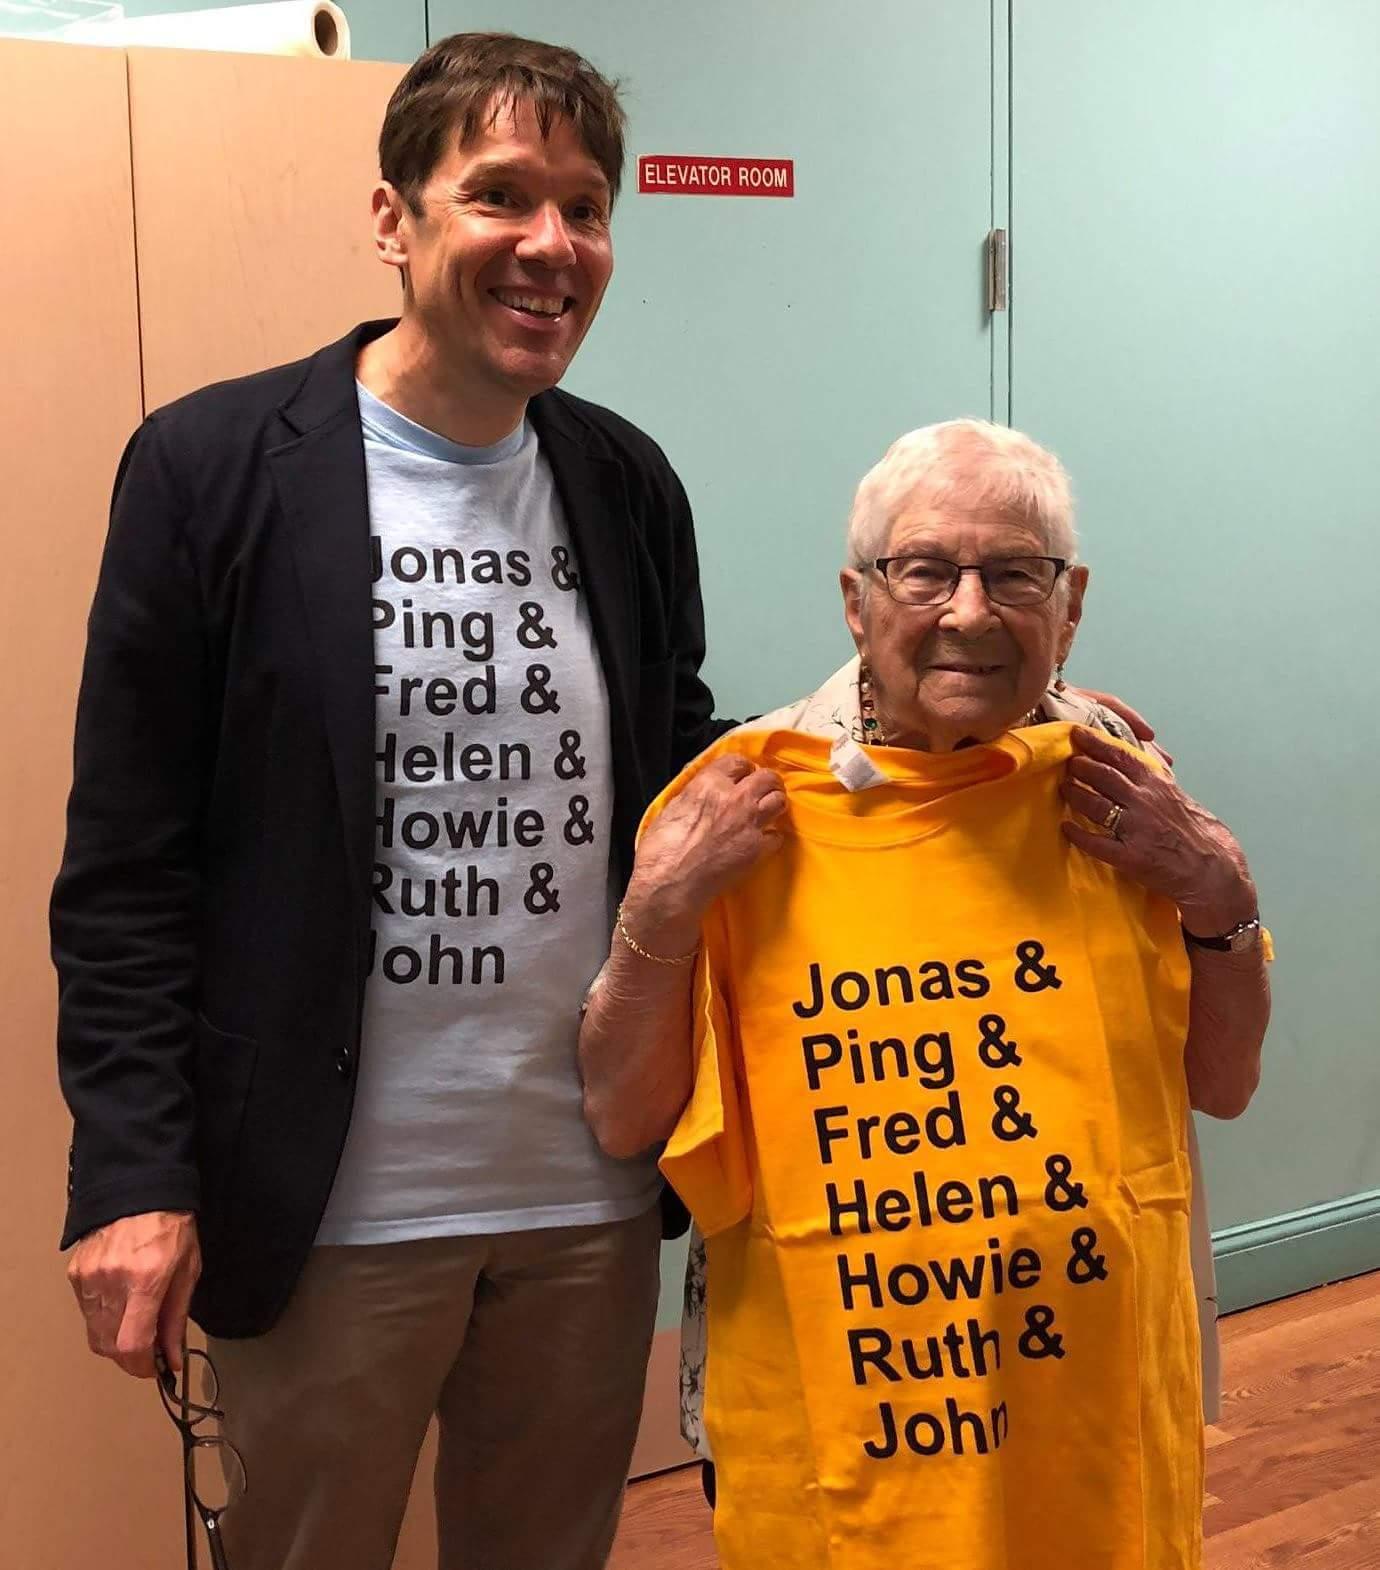 John Leland and Ruth Willig